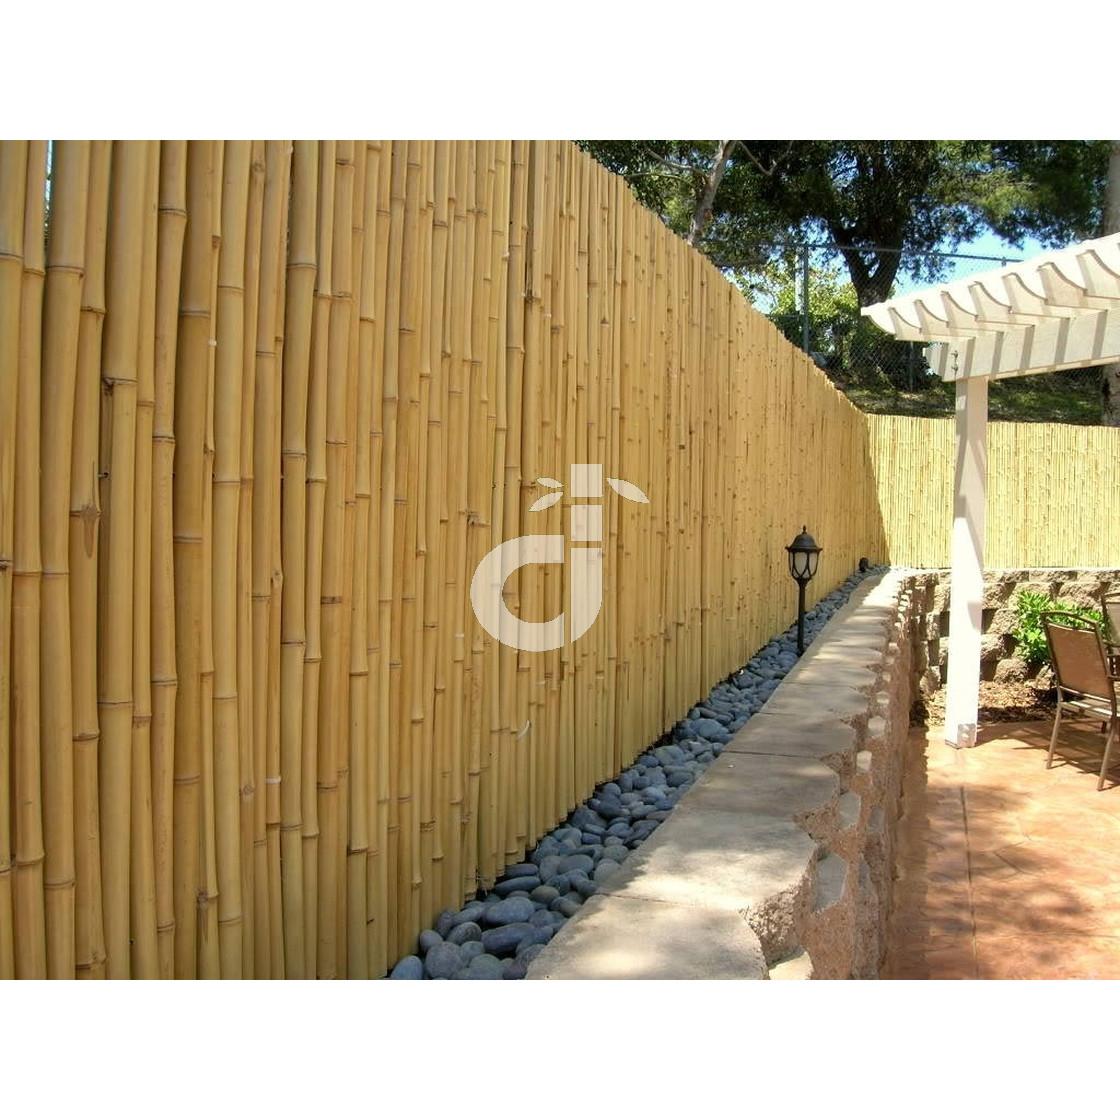 Full Size of Bambus Paravent Garten Hochwertiger Zaun Sichtschutz Aty Nature Von De Kinderspielturm Skulpturen Gaskamin Pavillion Klappstuhl Vertikal Loungemöbel Edelstahl Wohnzimmer Bambus Paravent Garten